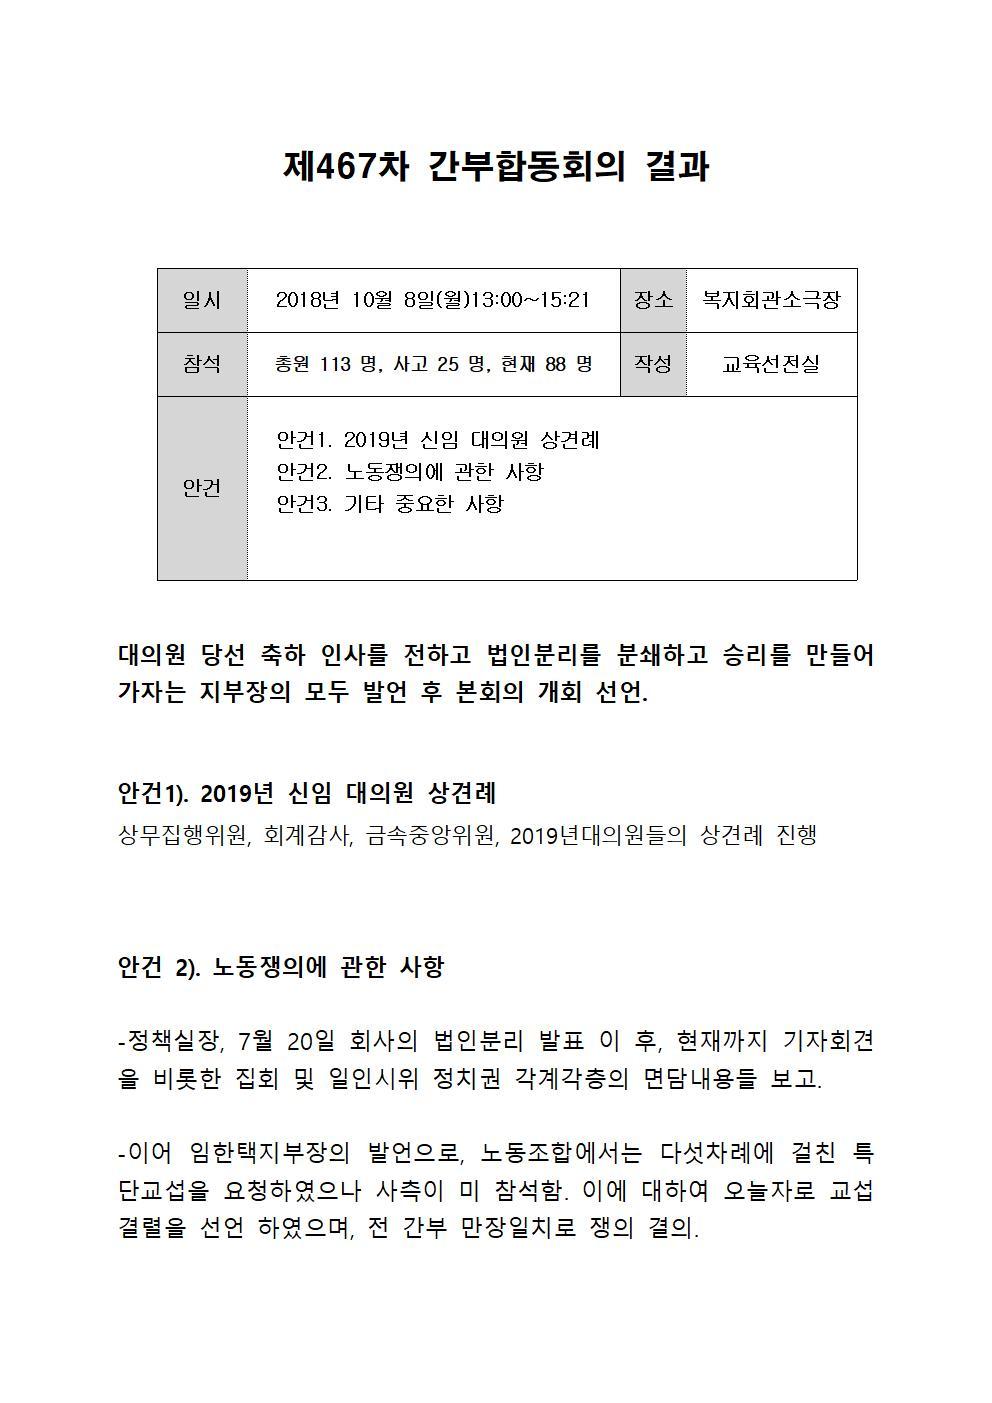 간부합동회의결과001.jpg